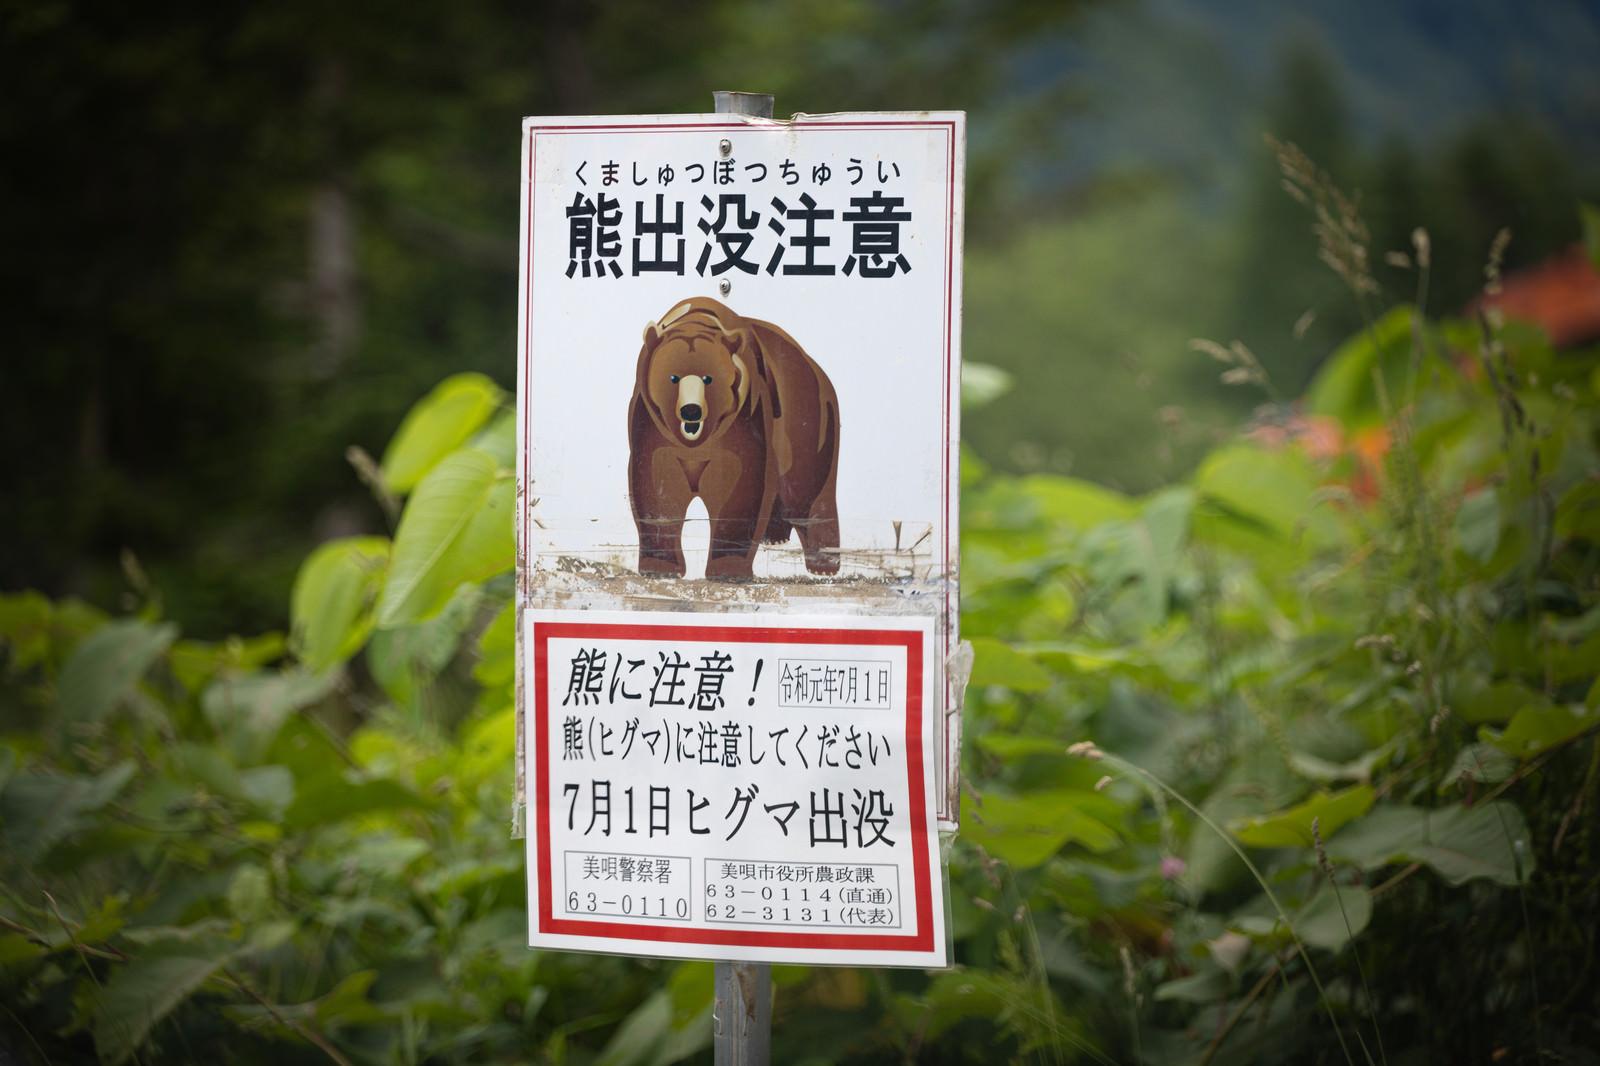 「熊出没注意の看板(ヒグマ)」の写真